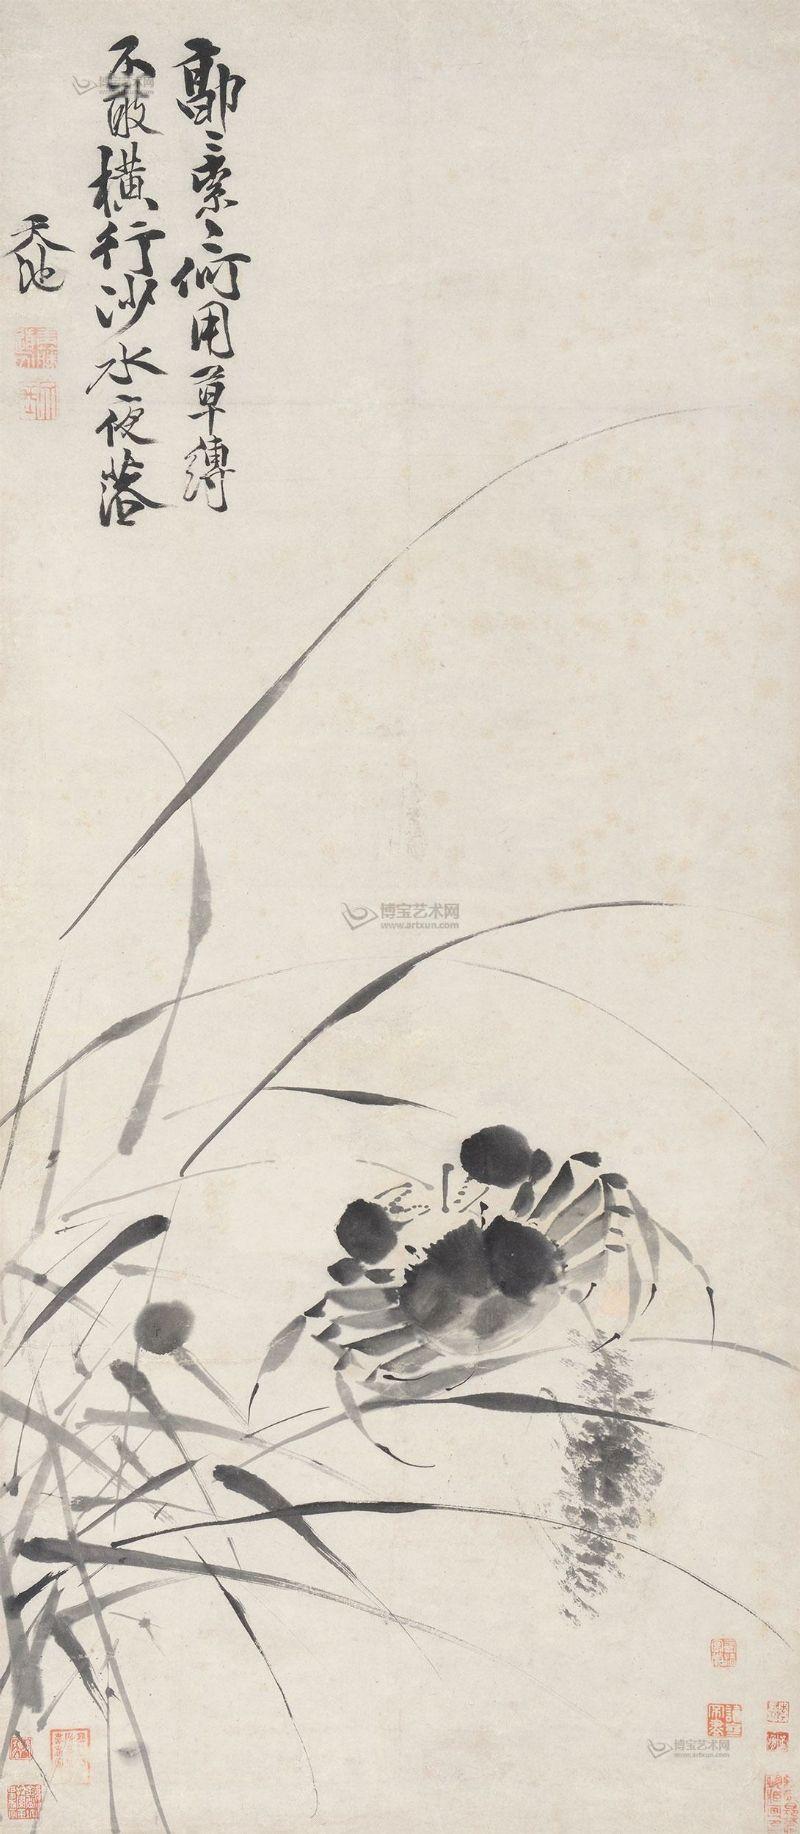 明 - 徐渭 (Xu Wei,1521-1593) - 蟹        立軸,纸本,89×39cm。    款識:「郭索郭索,還用草缚。不敢横行,沙水夜落。天池。」钤印:青藤道人 (白)  文長 (朱)   Ming Dynasty